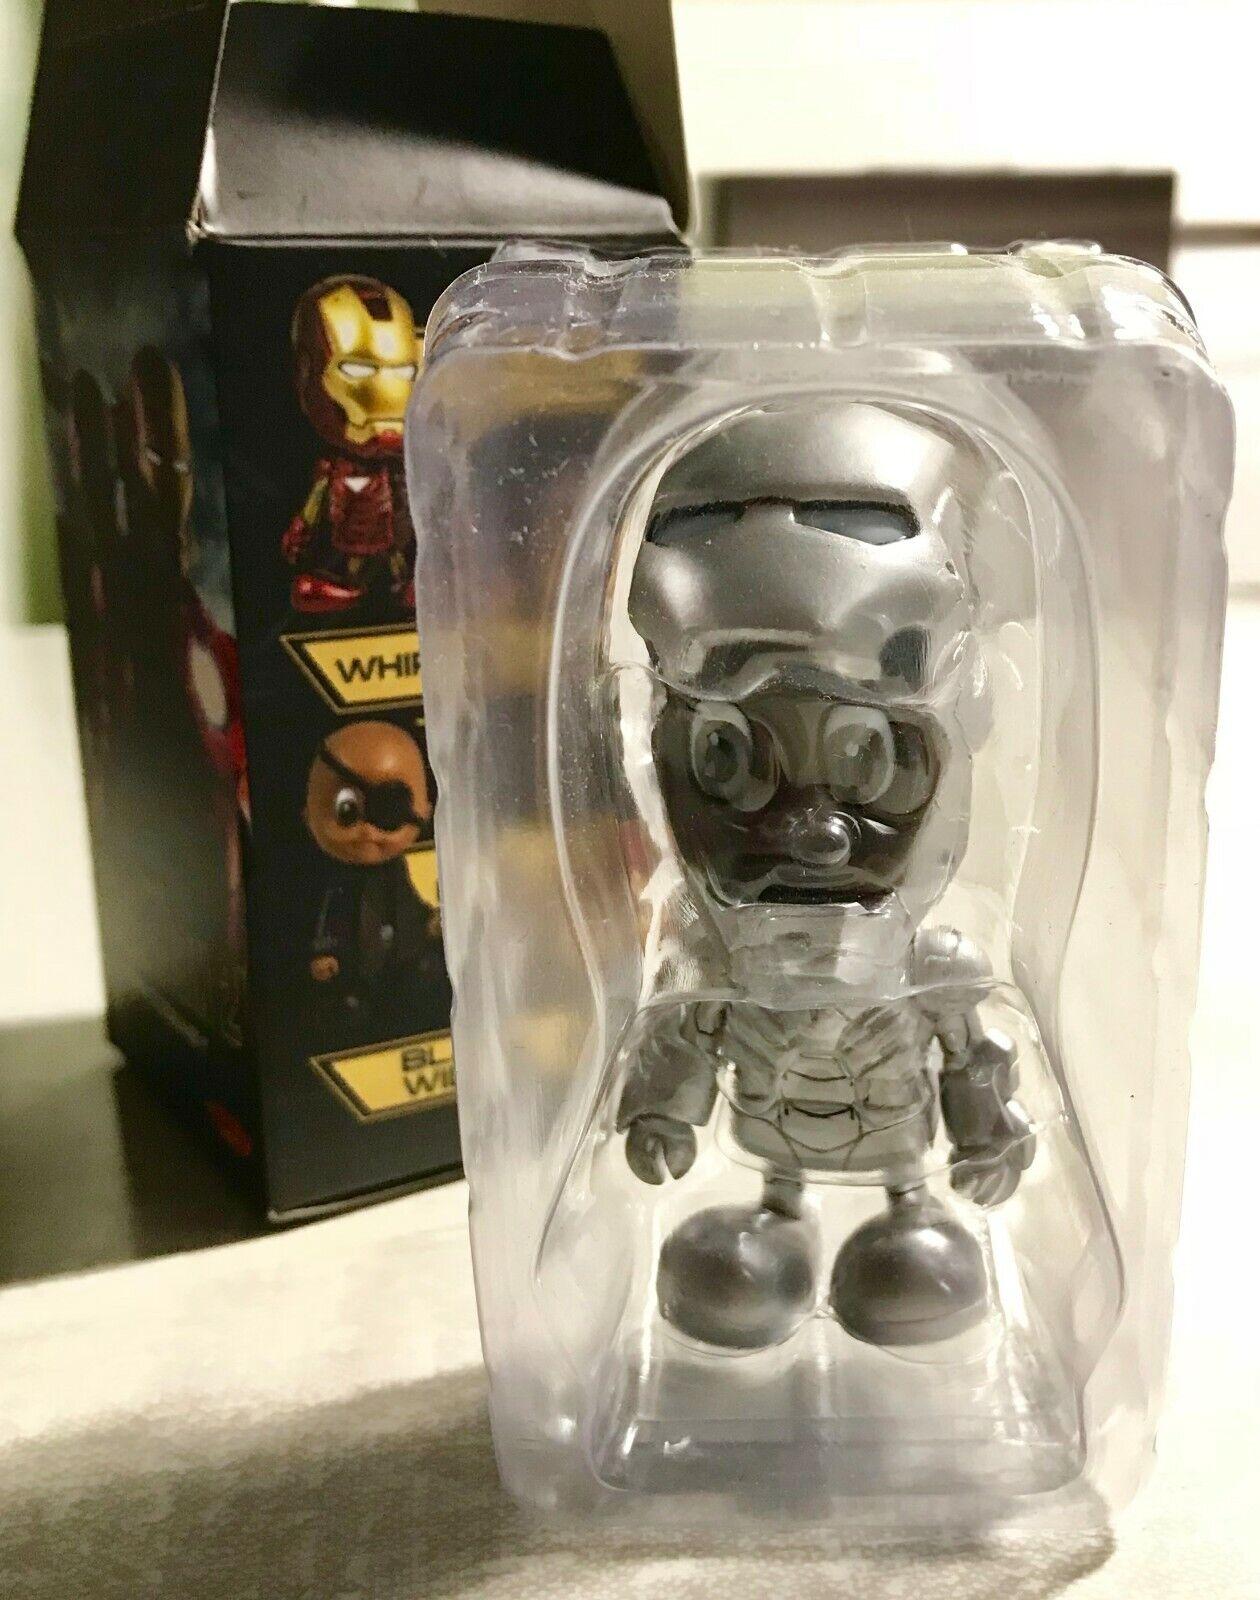 Hot Juguetes Cosbaby Iron Man 2 máquina de guerra